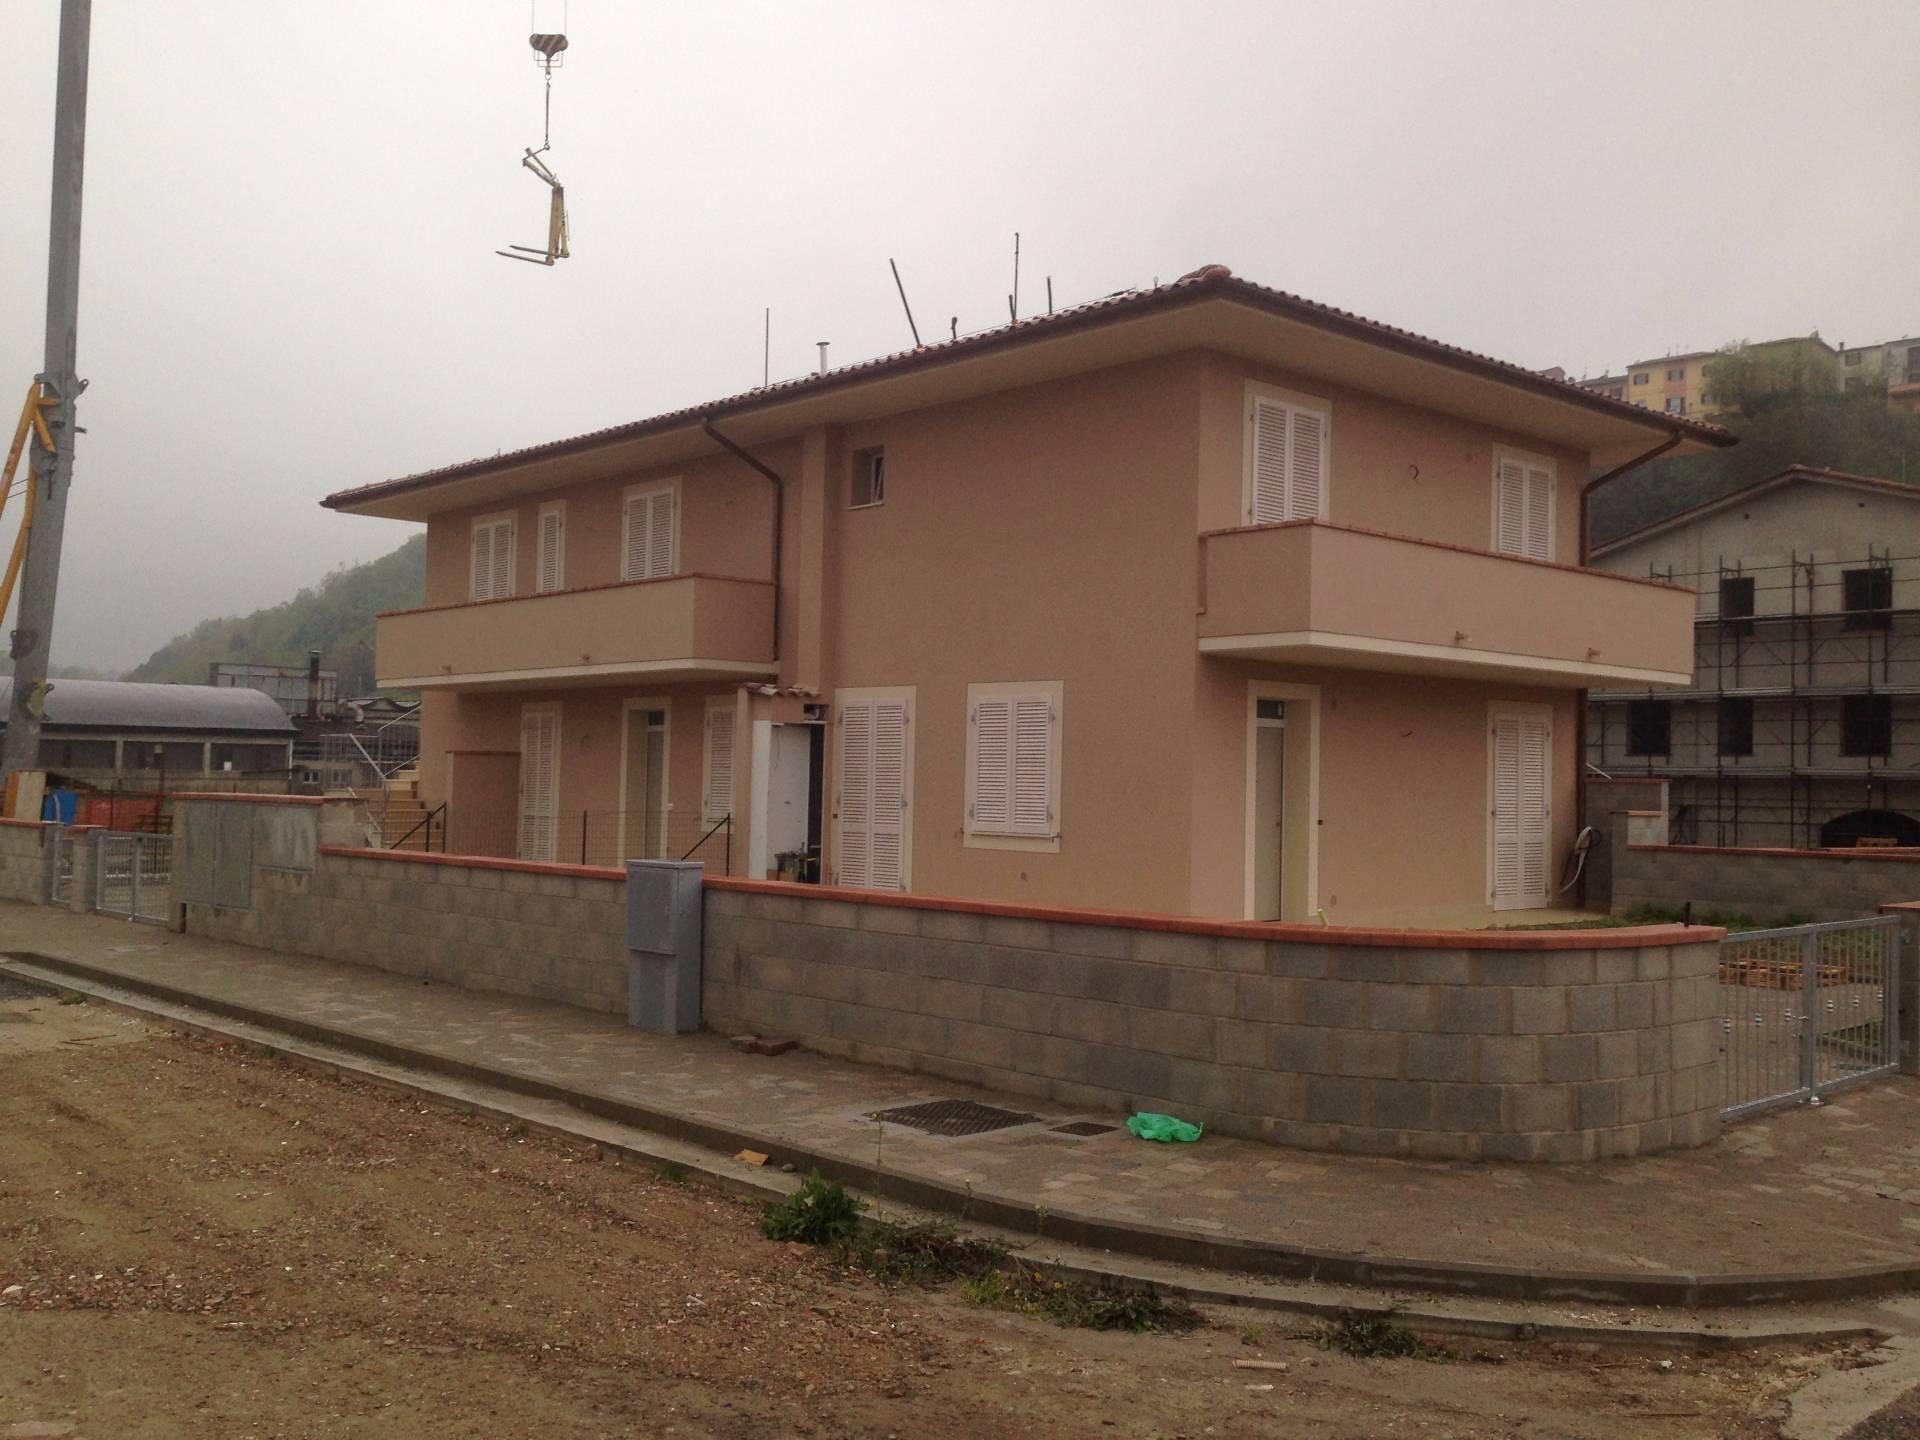 Appartamento in vendita a Santa Maria a Monte, 2 locali, zona Località: Montecalvoliinbasso, prezzo € 125.000 | Cambio Casa.it